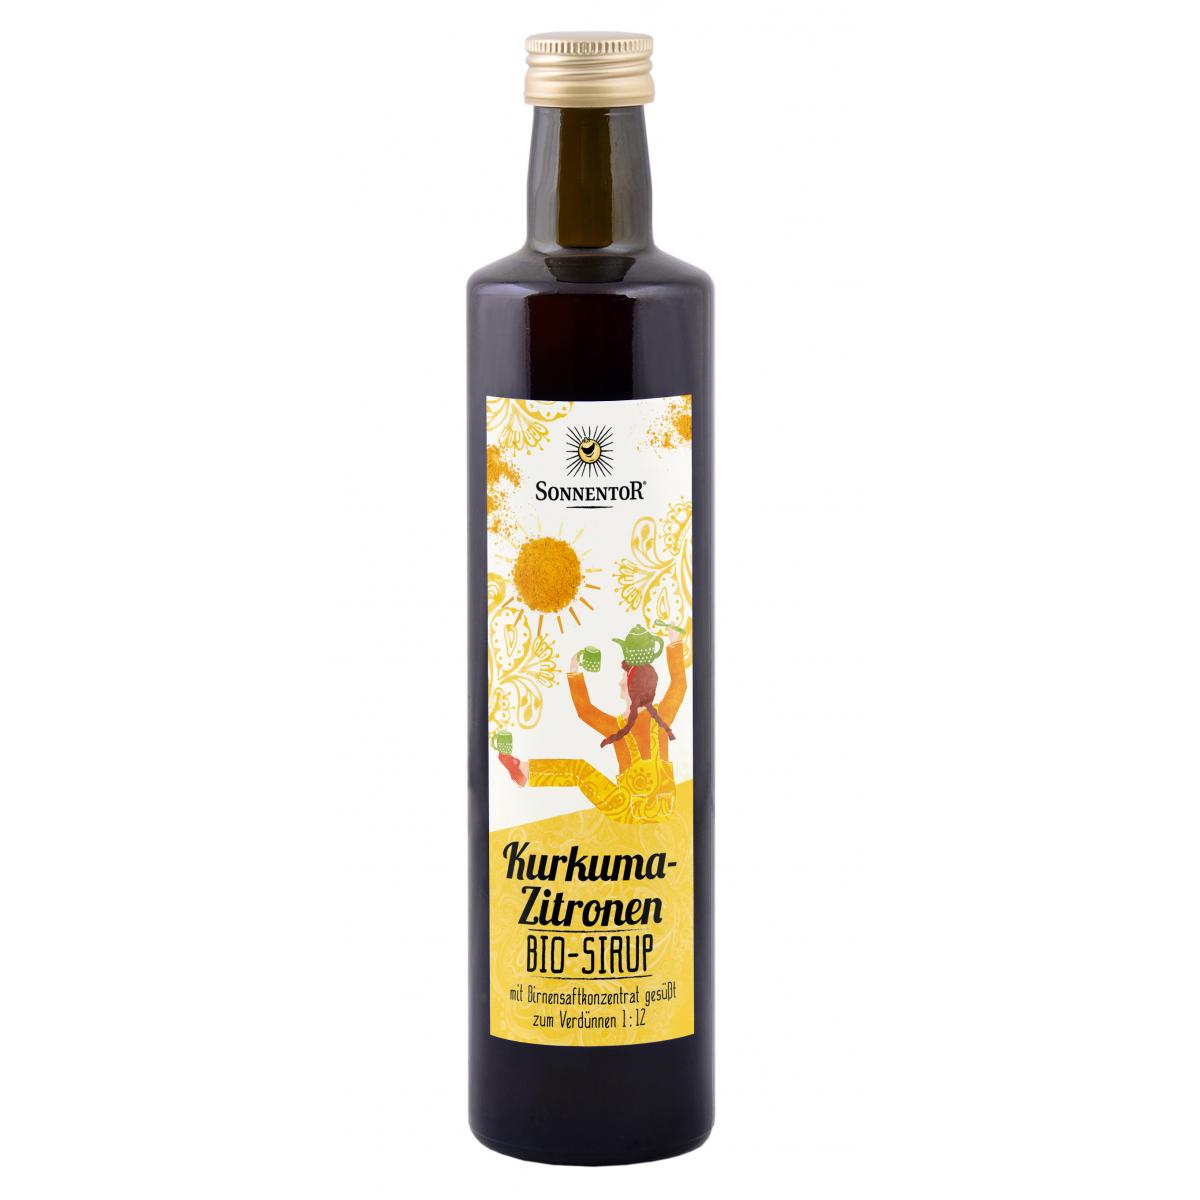 Kurkuma-Zitronen Sirup